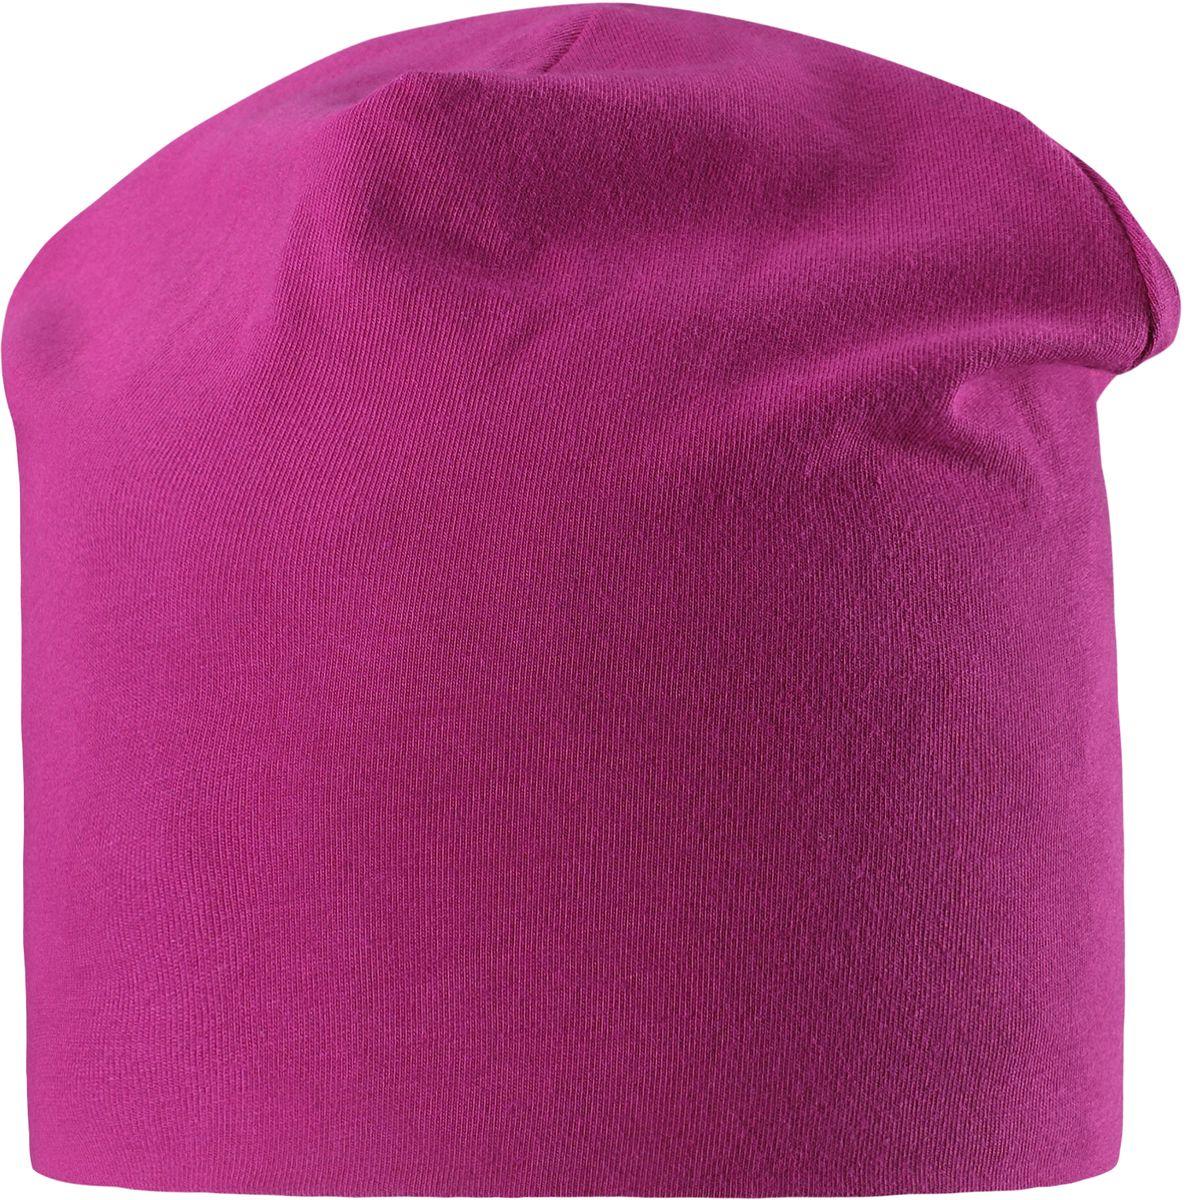 Шапка для девочки Lassie, цвет: фуксия. 7287044861. Размер 48/50 шапка детская lassie цвет бордовый 728693 4980 размер s 46 48